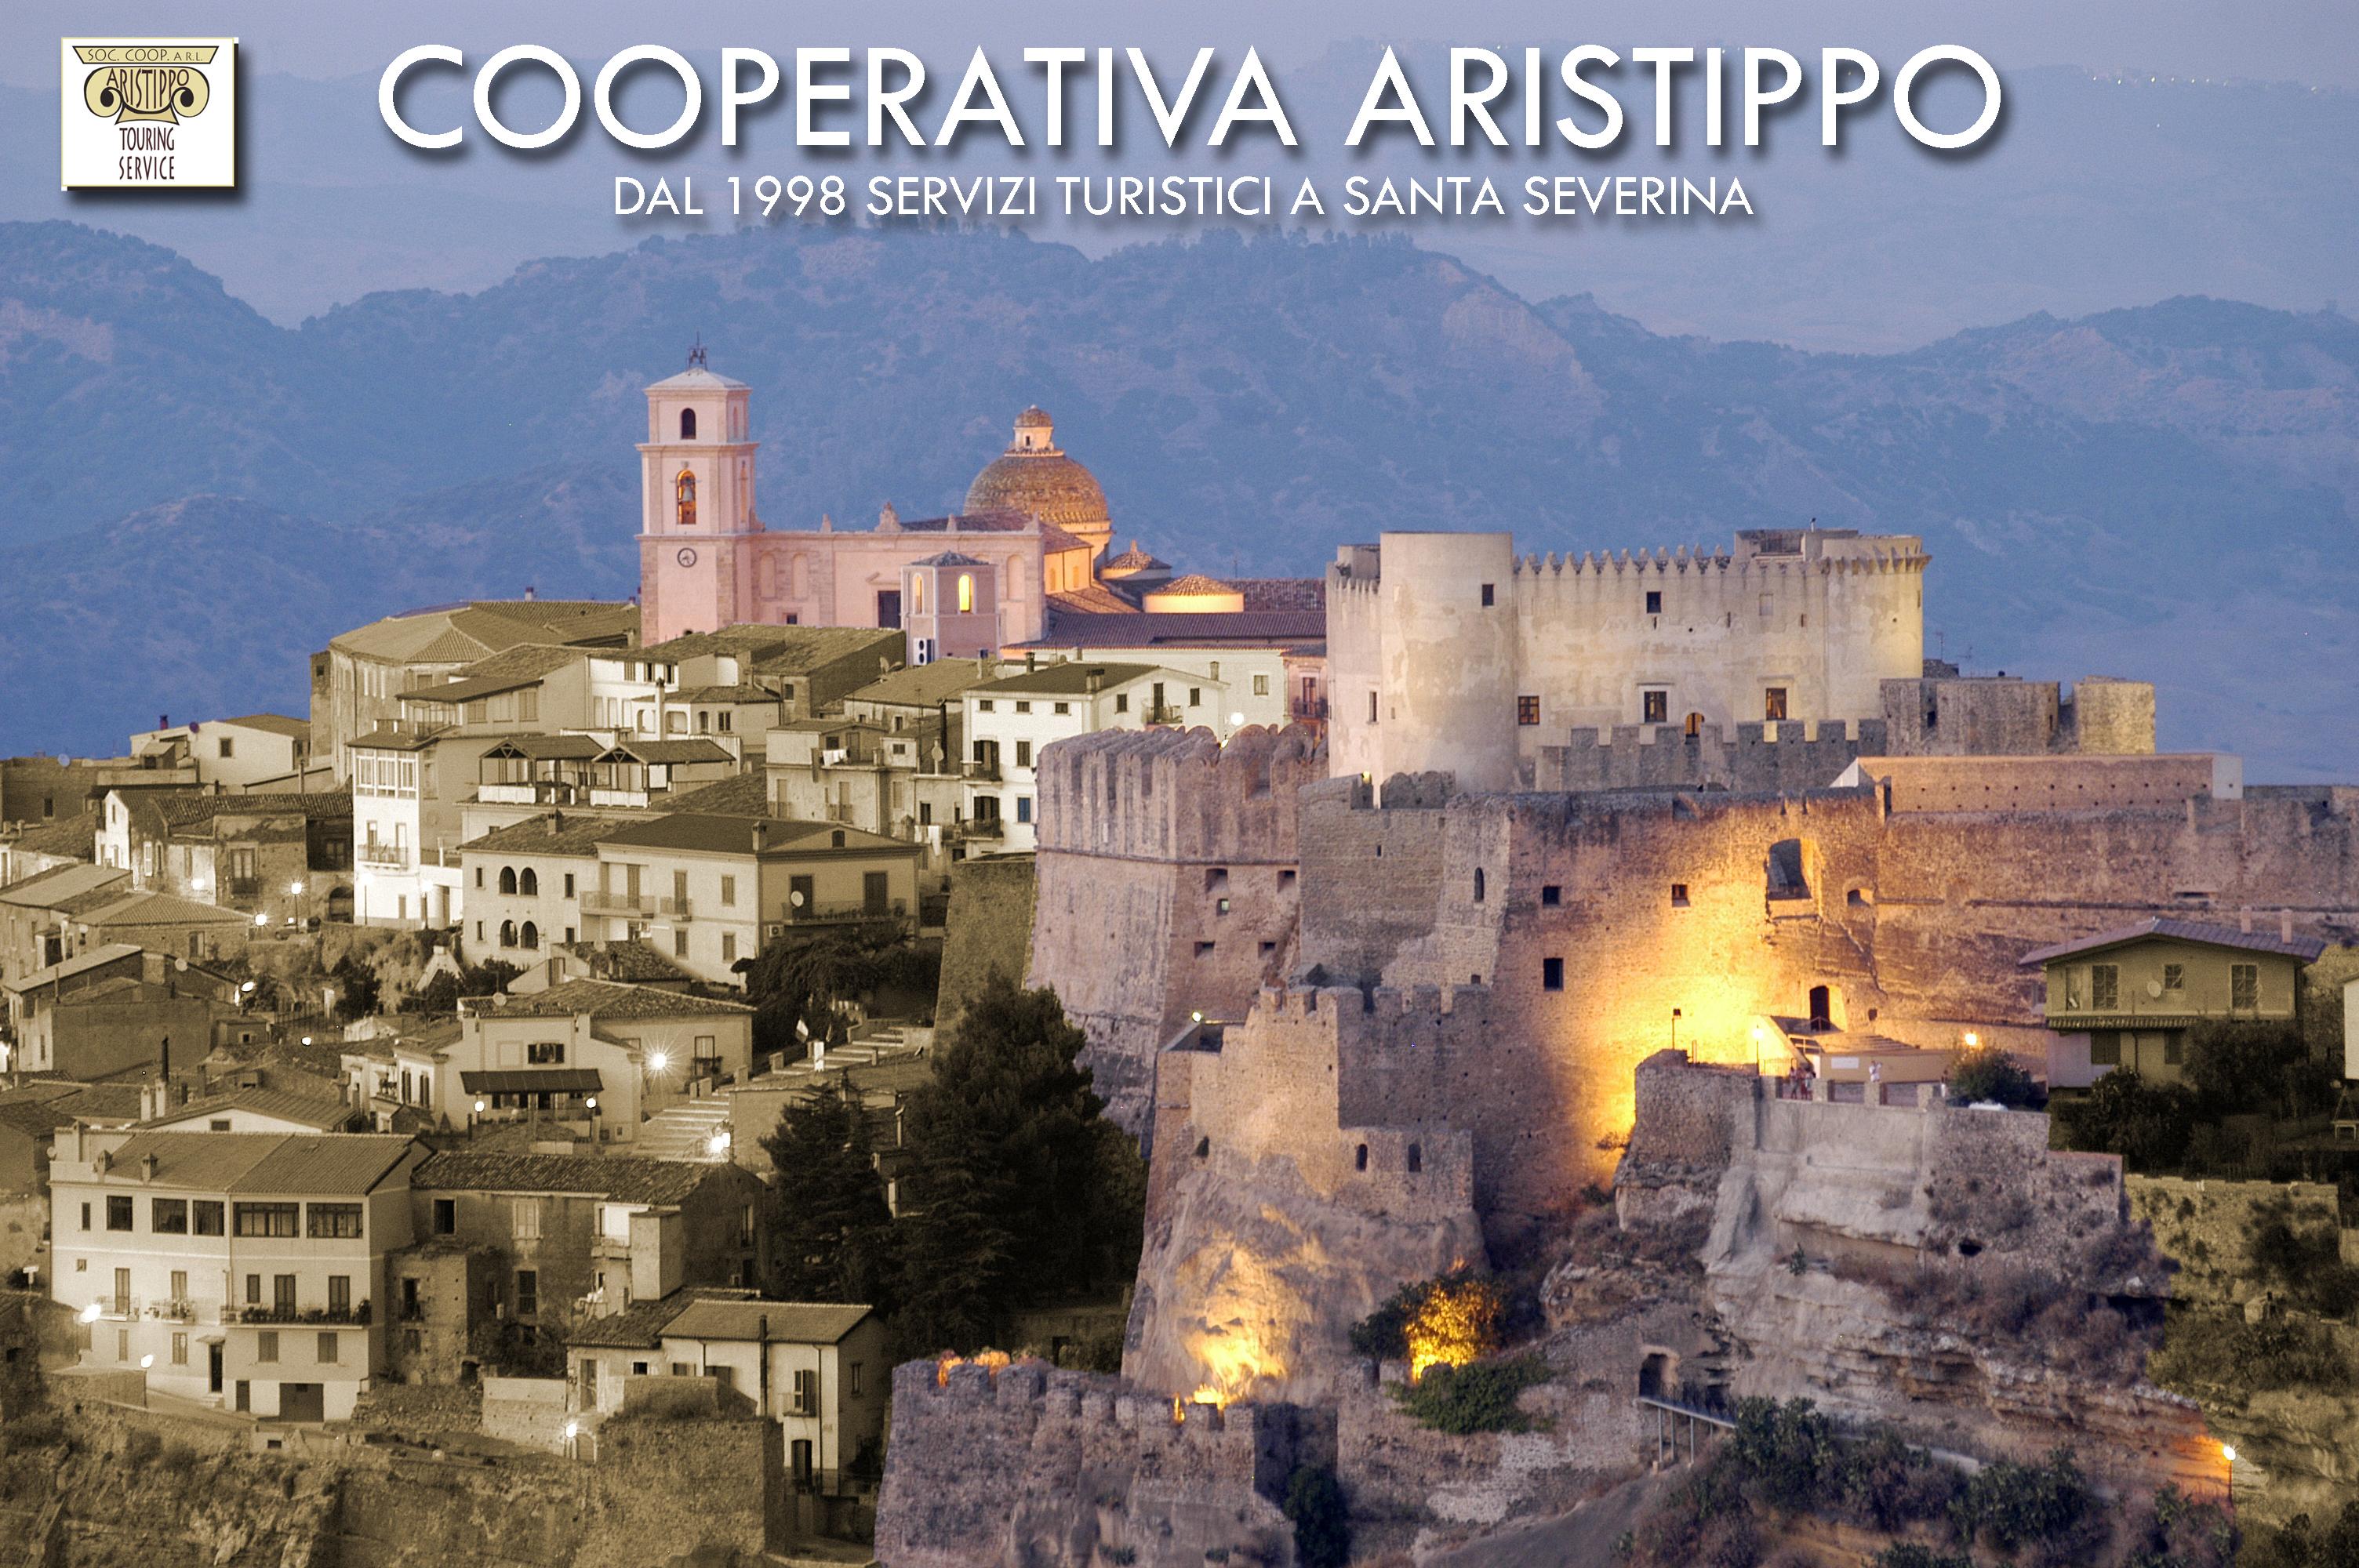 Cooperativa Aristippo